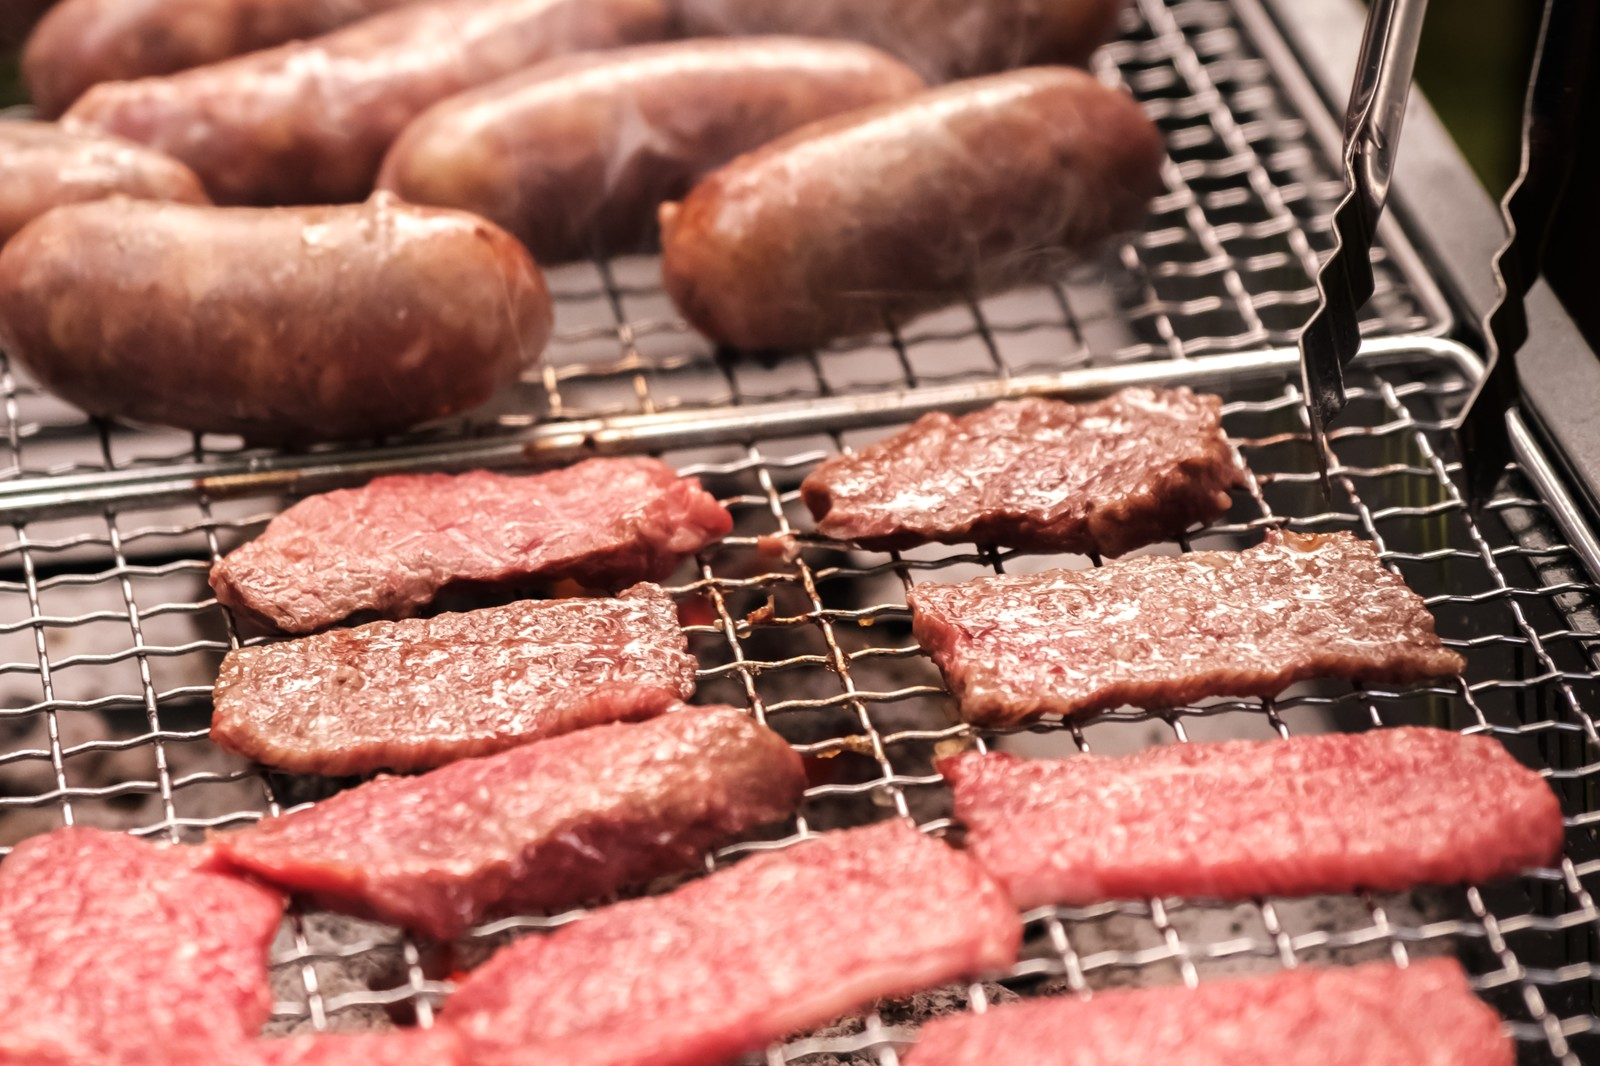 【神奈川県厚木市の求人】肉の街厚木で肉の加工やパック詰め作業